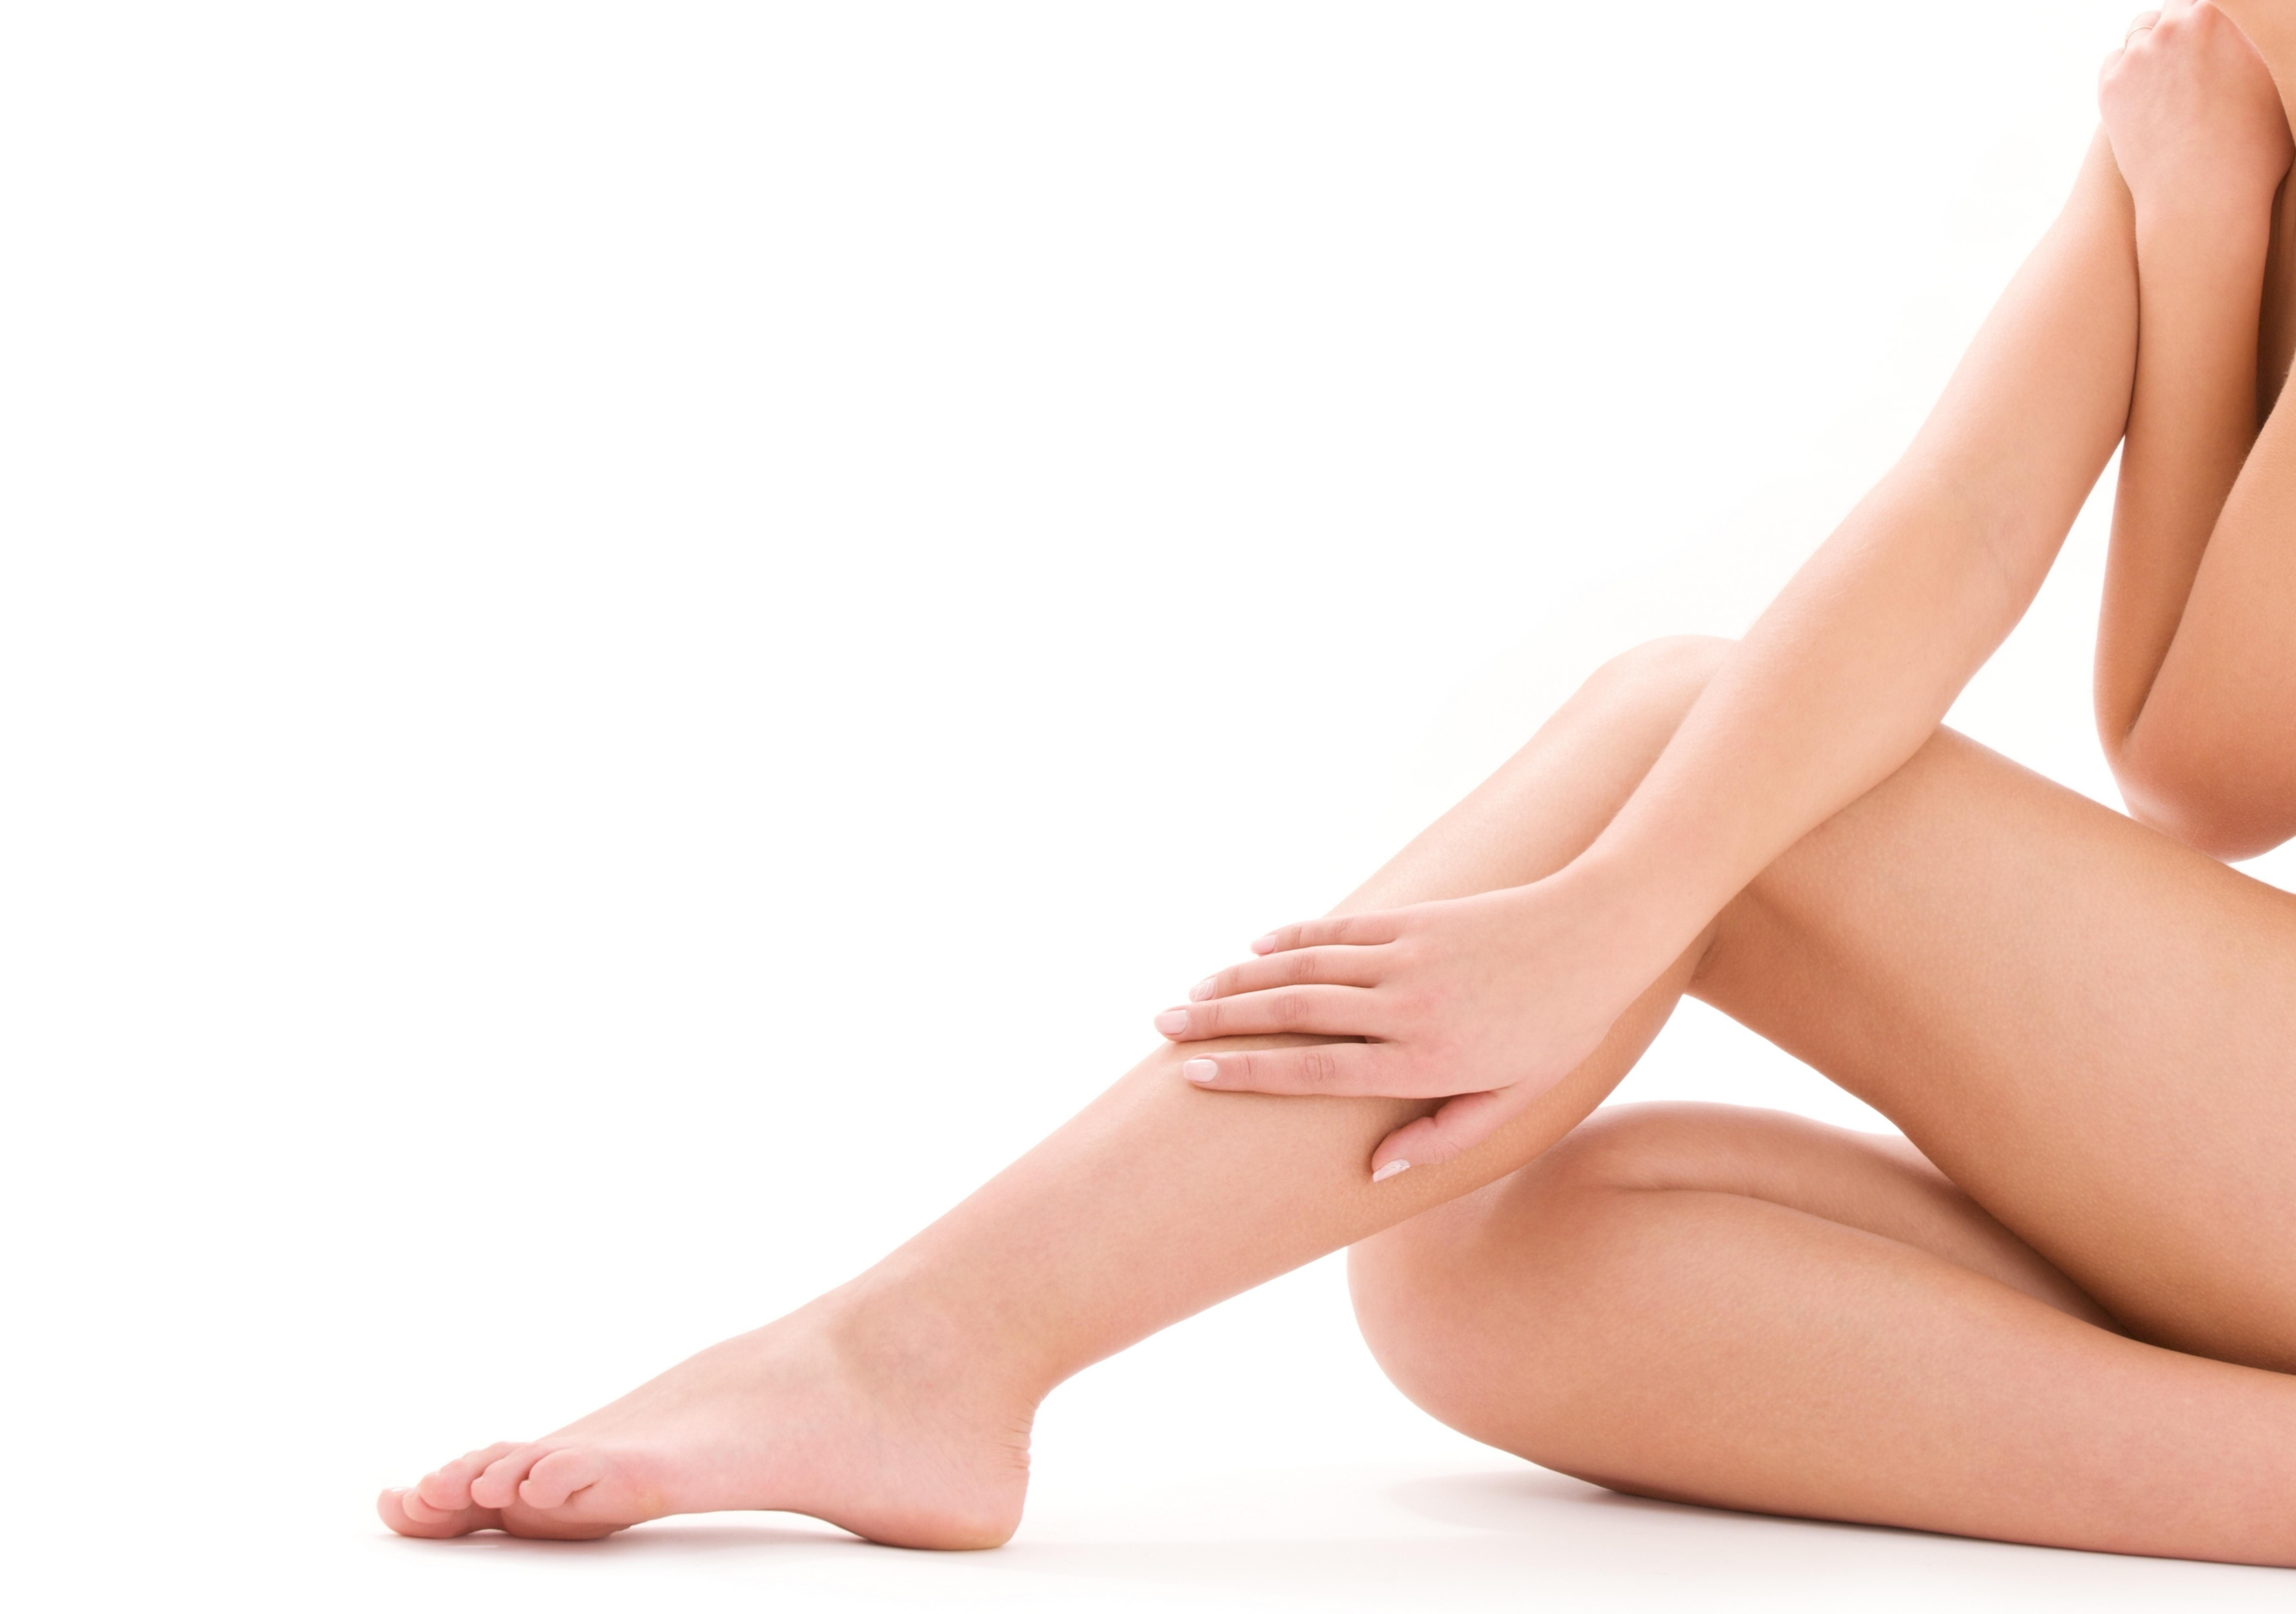 durere la nivelul picioarelor inferioare și picioare reci